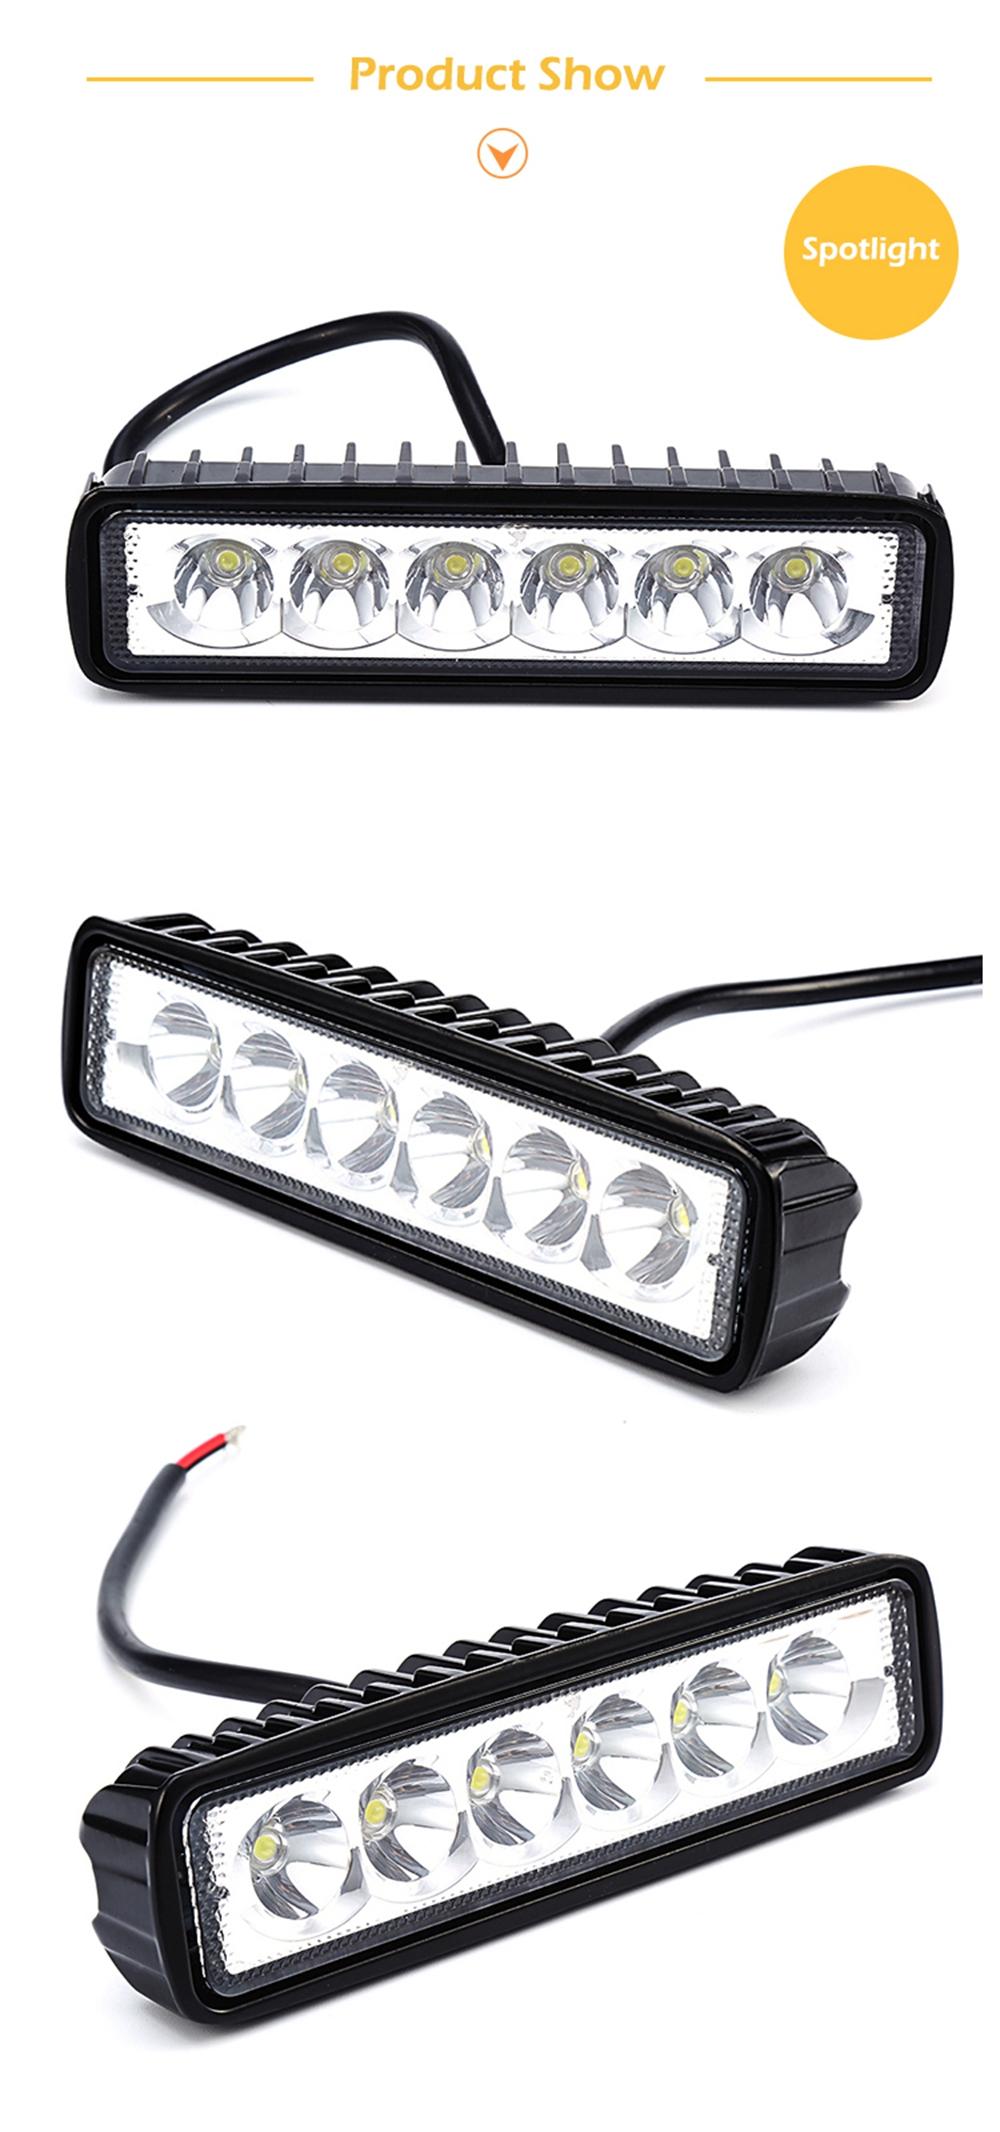 New 18w 12v Led Work Light Bar Spotlight Flood Lamp